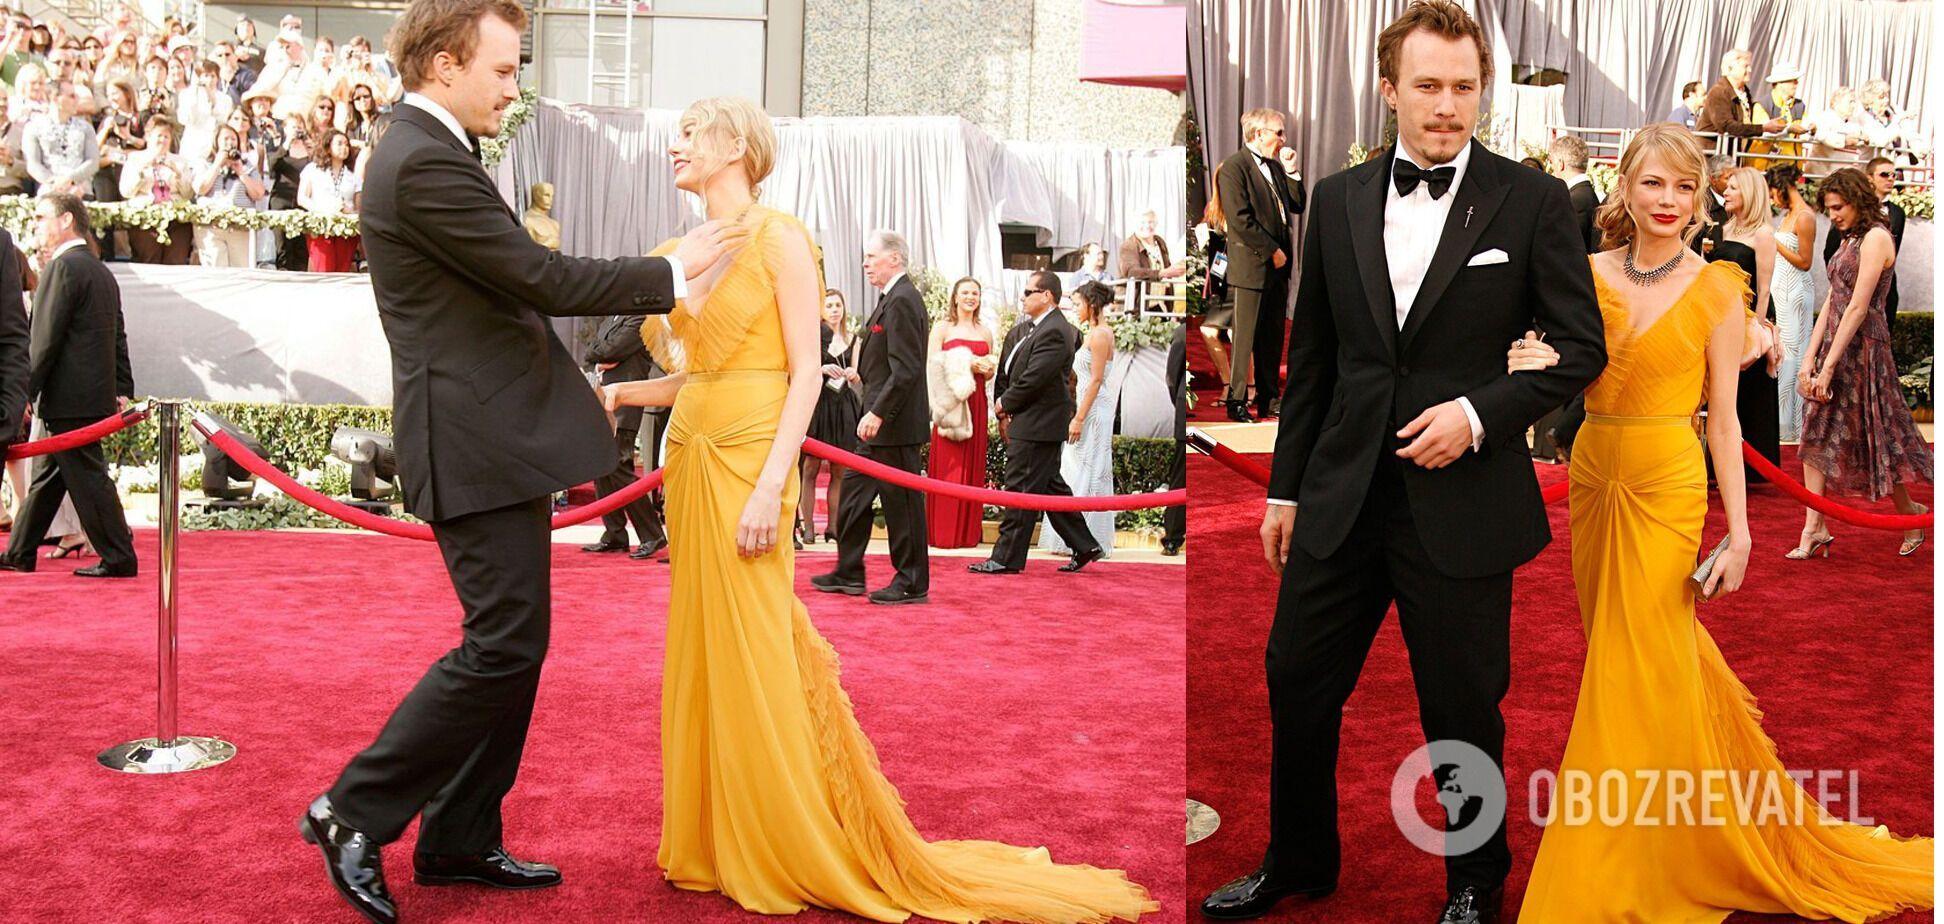 """Мишель Уильямс на церемонии """"Оскар"""" 2005 года в длинном желтом платье."""